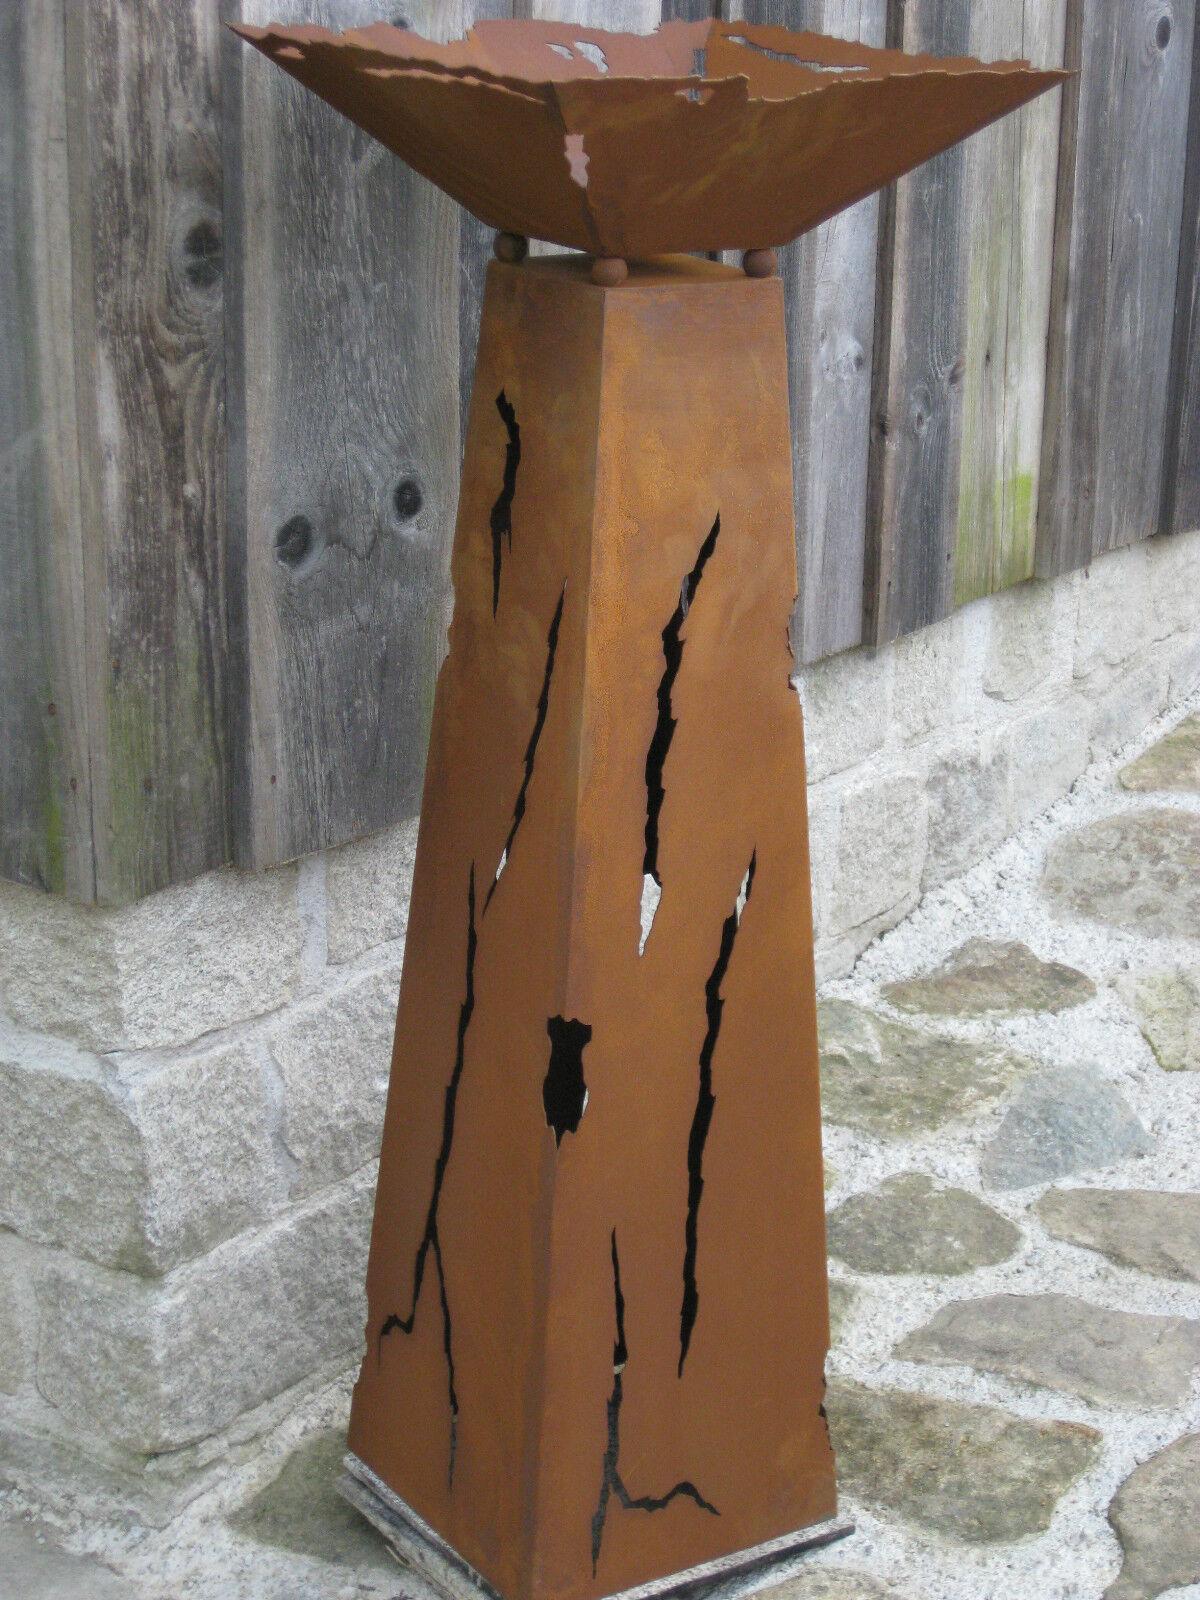 Edelrost rouille pilier rouille tôle patine patine patine STELE Fer Métal OrneHommes t Incl. Coque 95bcc6